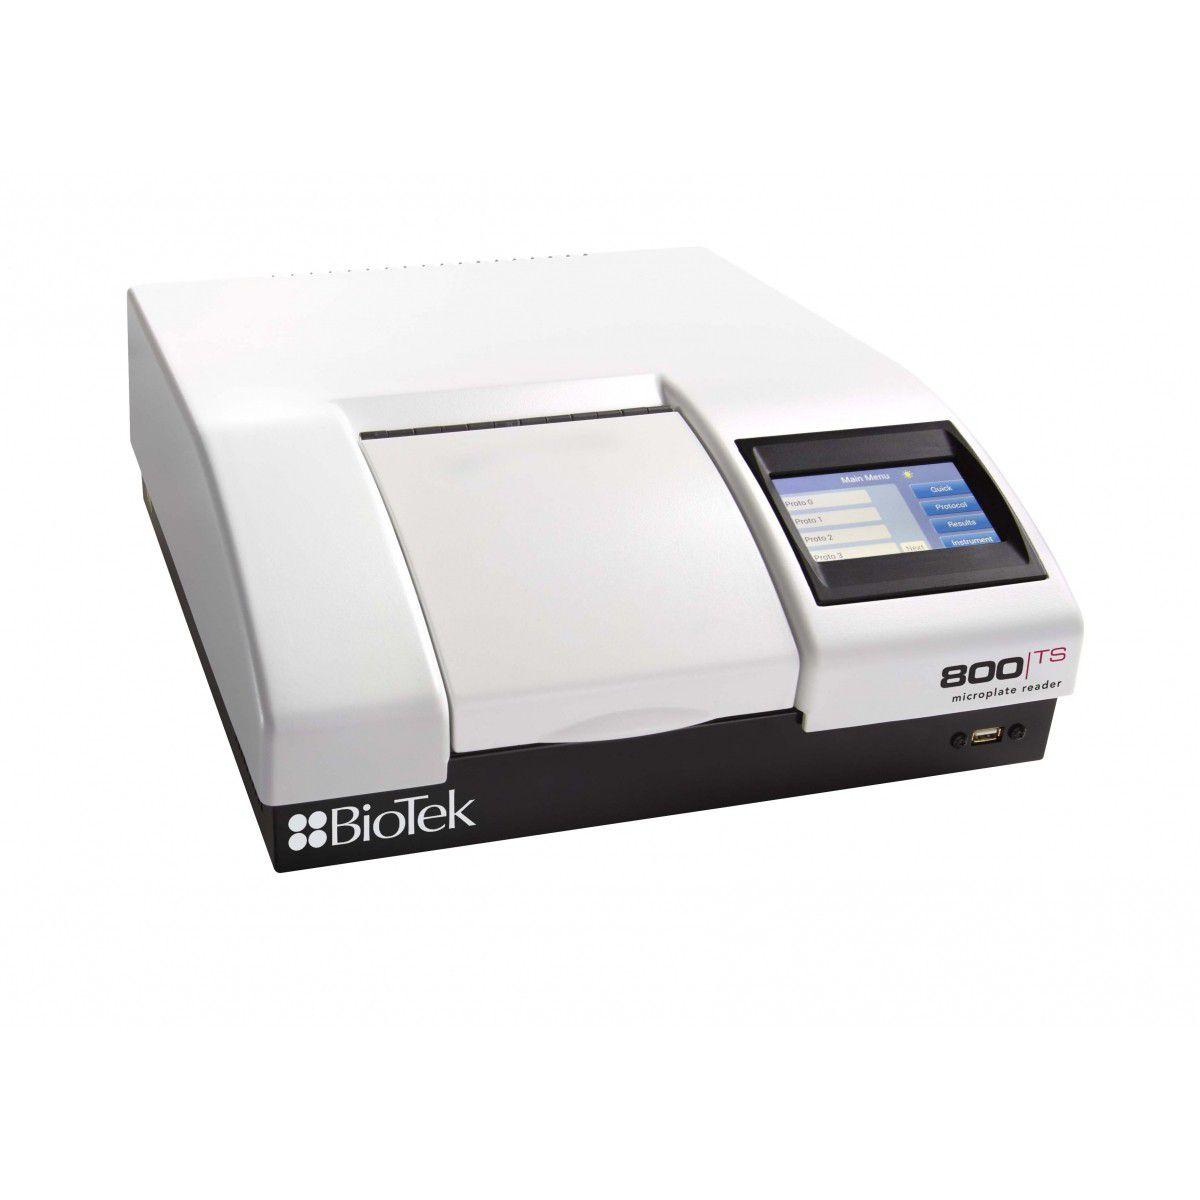 Leitora de Absorbância para Microplacas de 6 a 96 Poços, Filtro UV 340nm, Tela Touchscreen, Incubação ate 50°C, Agitação, Faixa de Seleção de Filtro 340 a 700nm, USB - Modelo: 800TSUVI